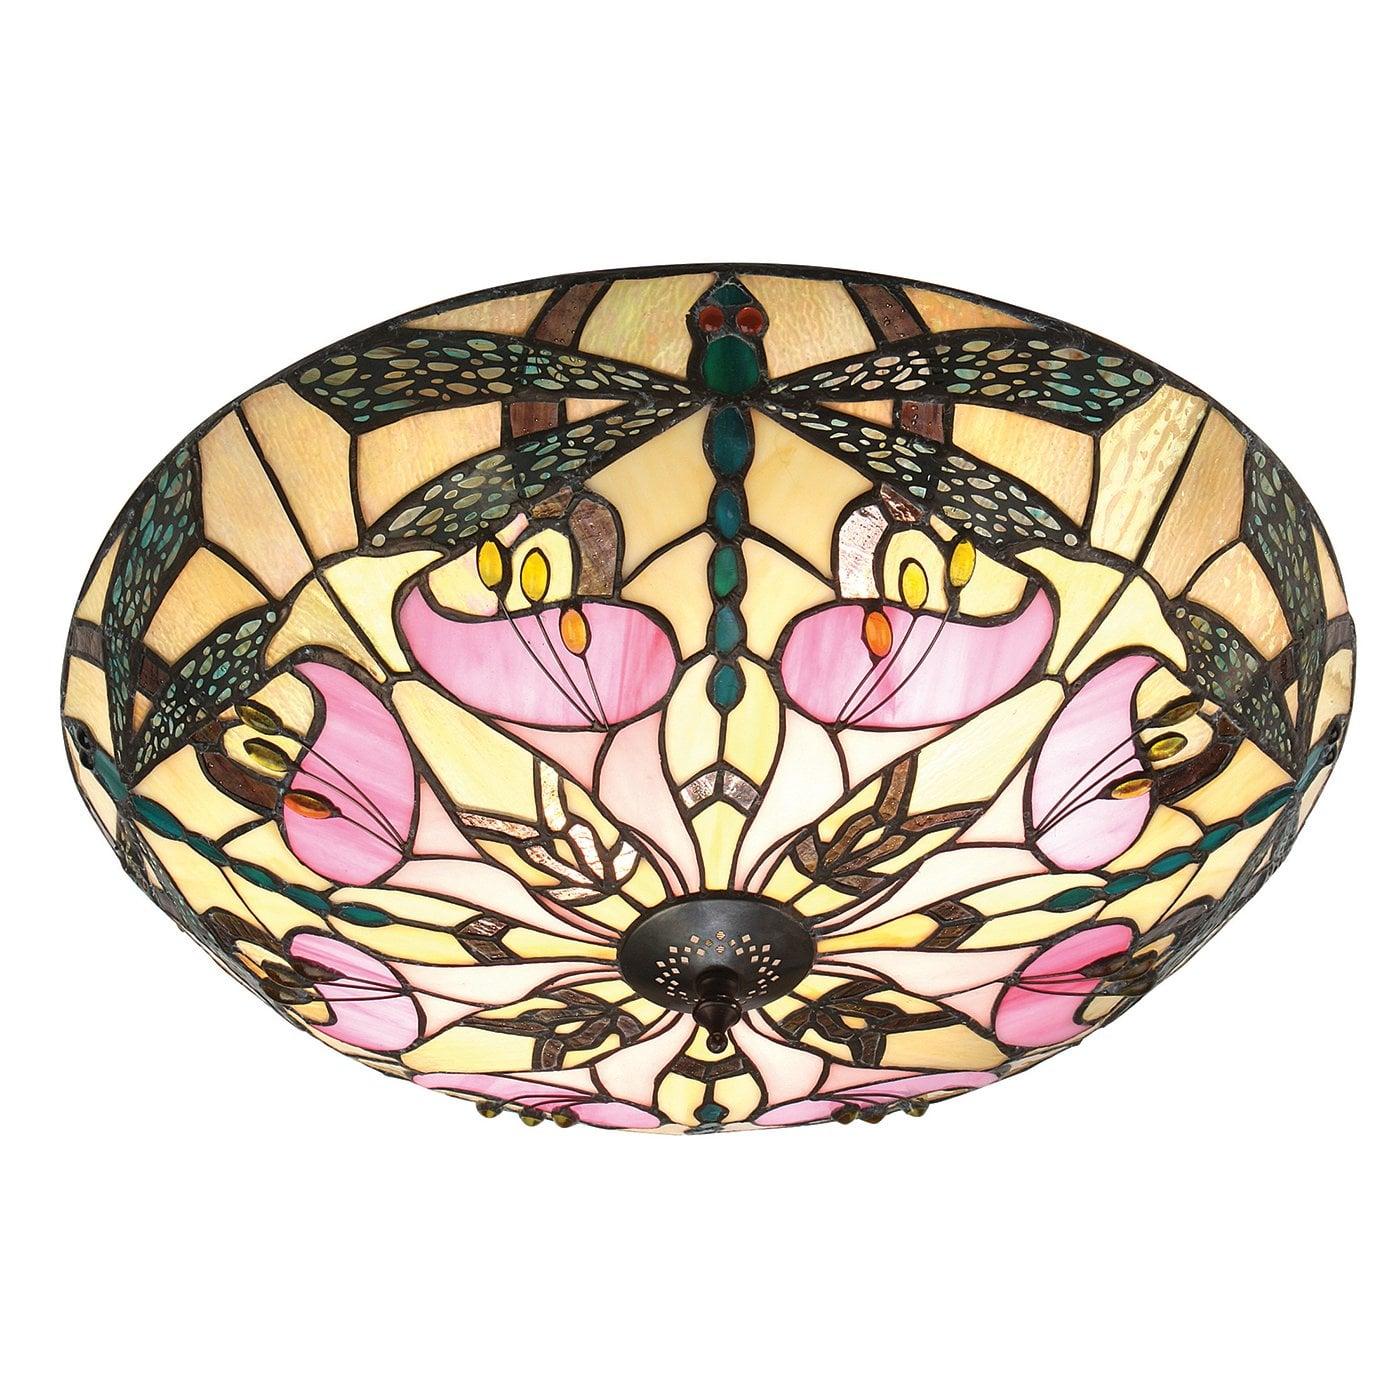 Interiors 1900 63922 Ashton Large 2lt flush, Tiffany